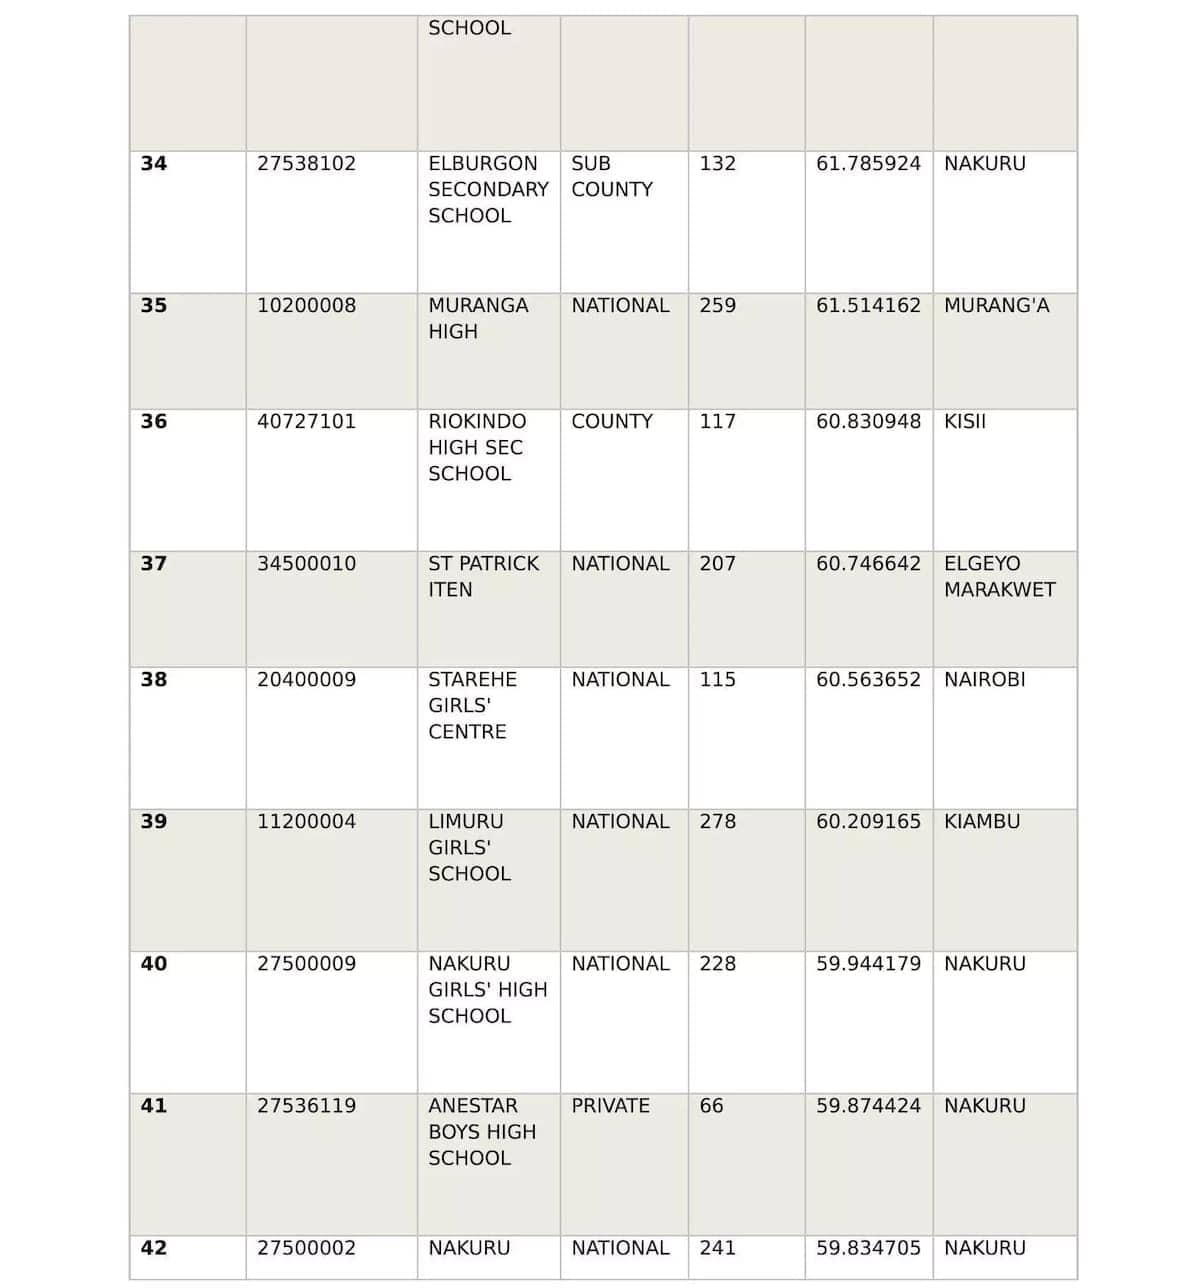 Best schools in 2017 kcse,Top private schools in kcse 2017, Top public schools in kcse 2017